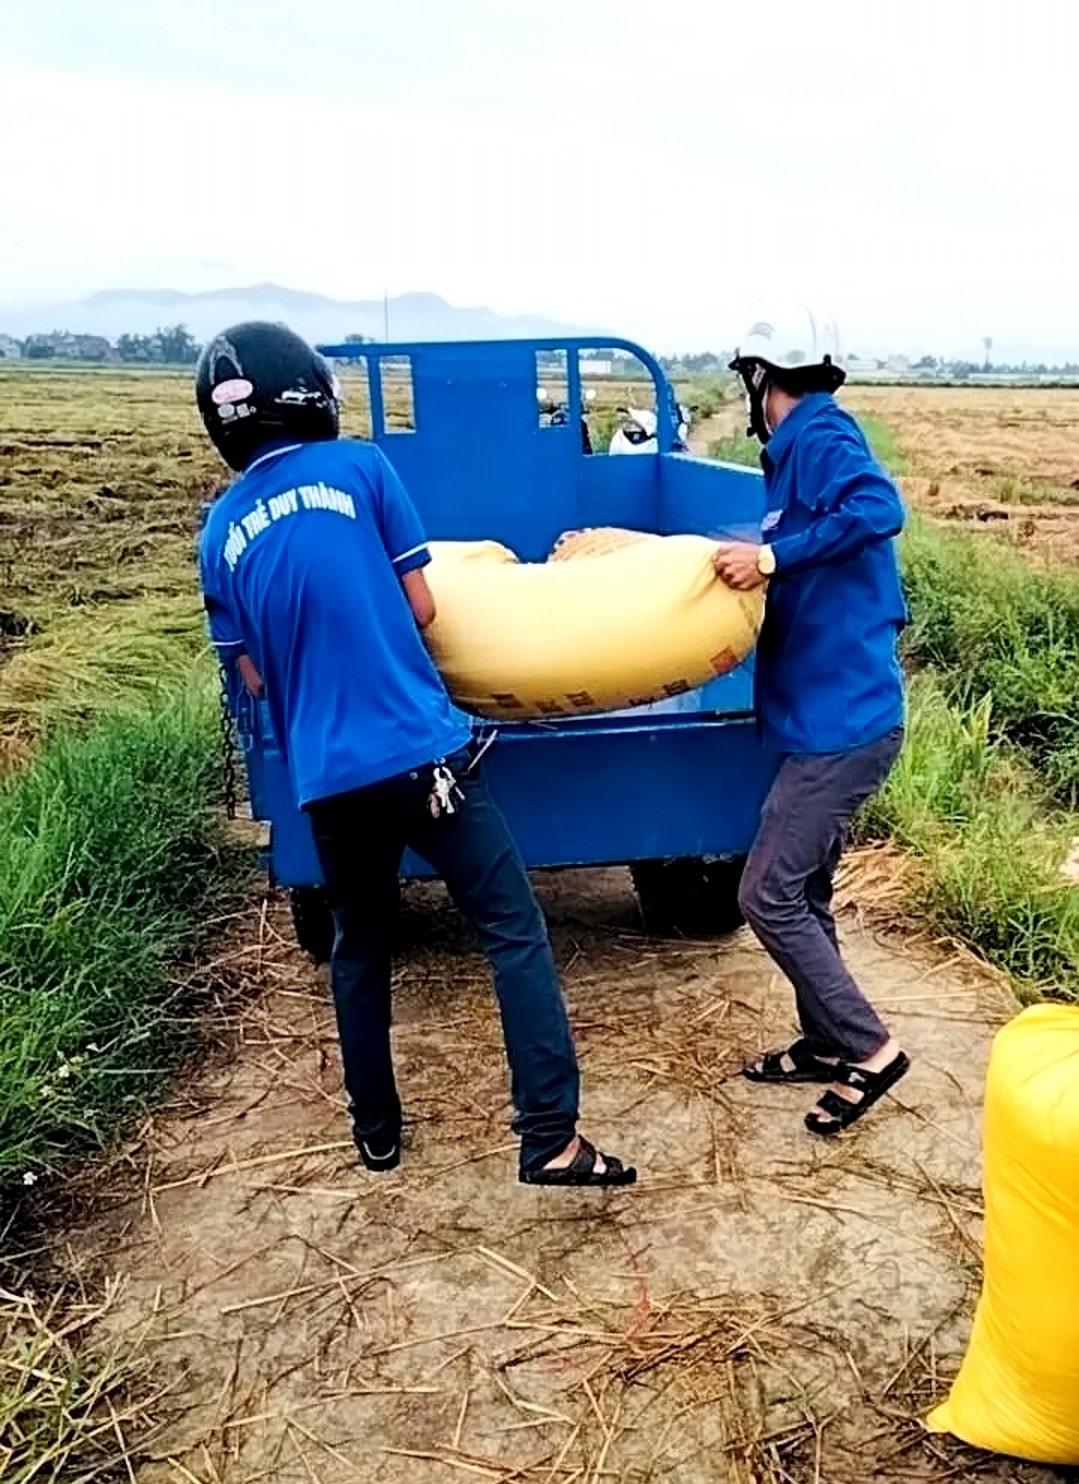 Sau khi thu hoạch, đoàn viên thanh niên xã Duy Thành giúp dân đổ lúa vào bao, chất lên xe.     Ảnh: T.L